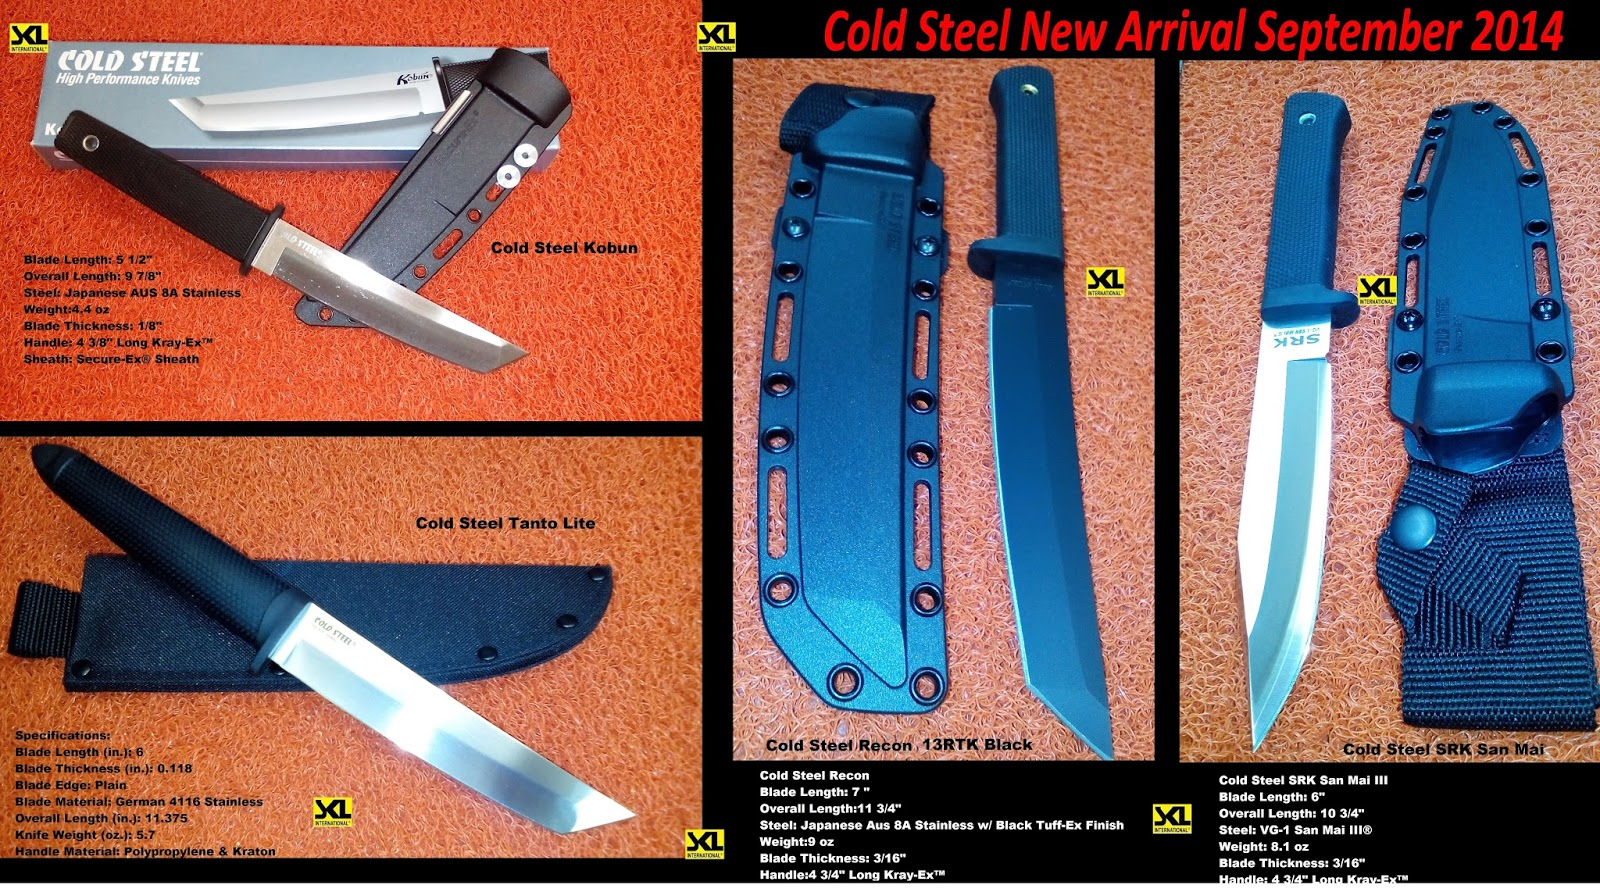 Cold Steel Best Pal Vs Urban Pal Vs Mini Pal Knife